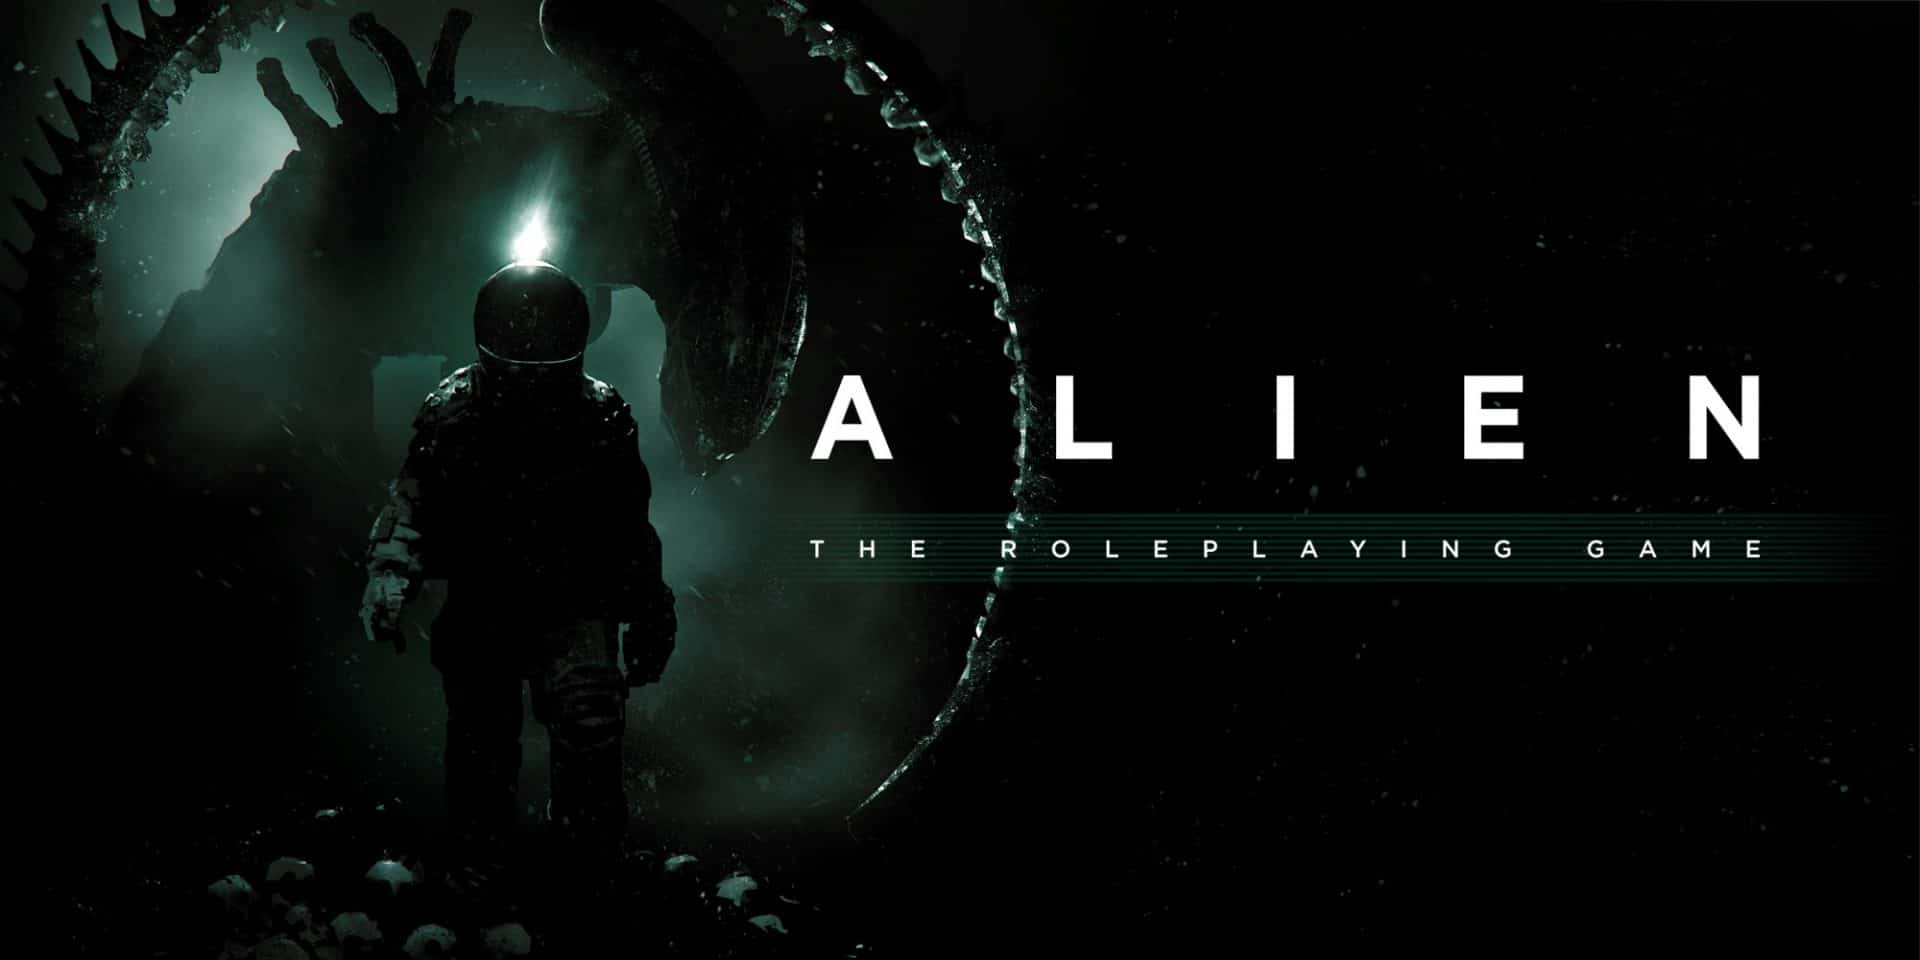 Alien – Fria Ligan. Speravo in qualcosa di diverso